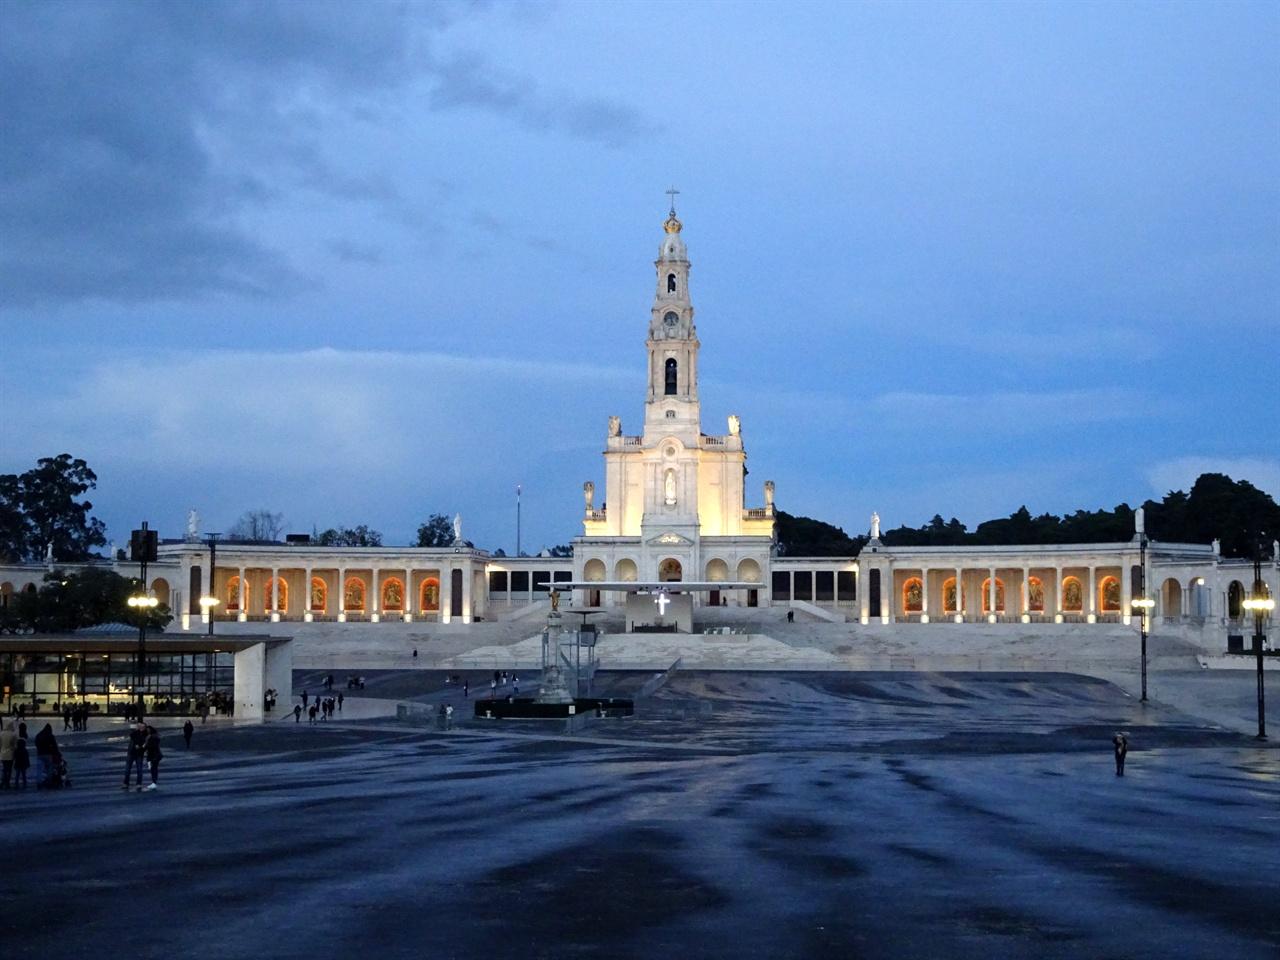 파티마 대성당 군더더기 없이 깔끔한 성당의 모습은 순백의 성모를 닮았다